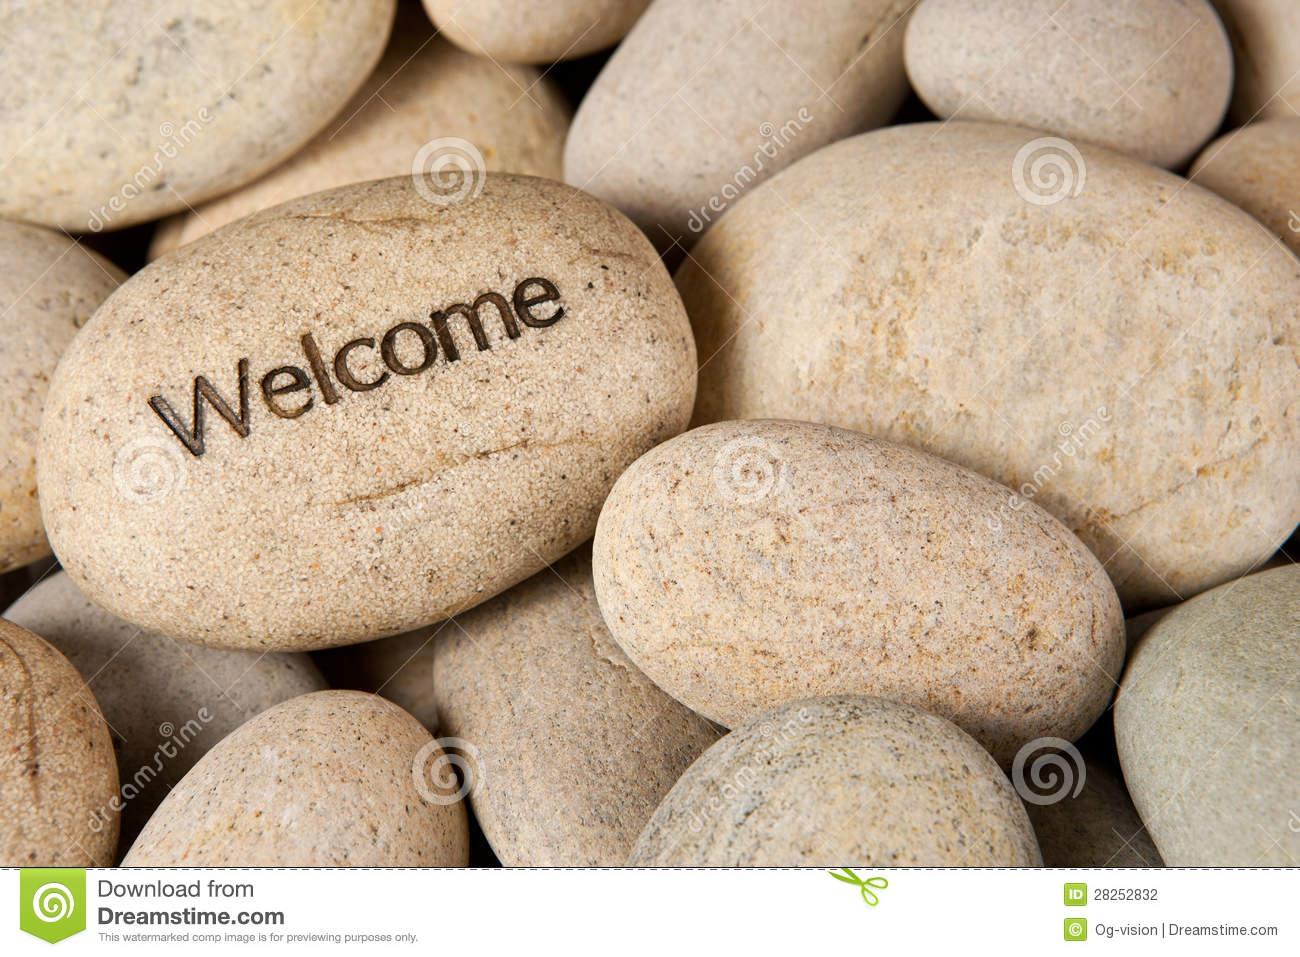 welcome-stone-28252832.jpg